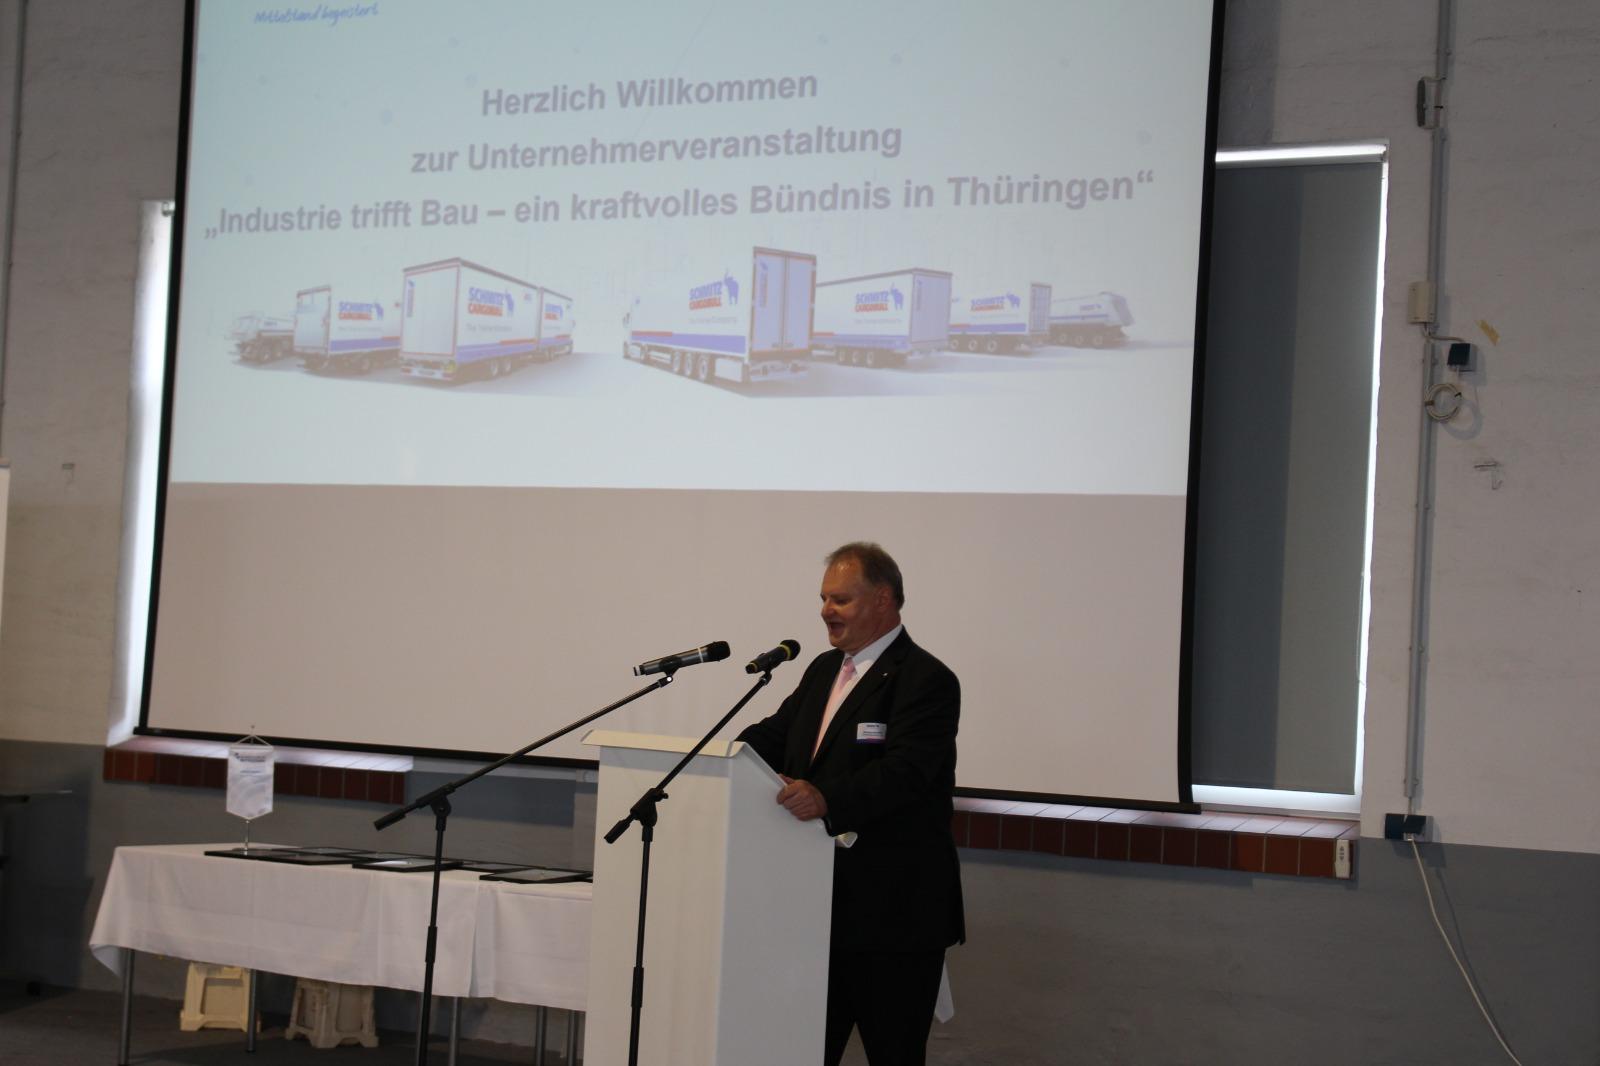 Matthias Anschütz vom Landesforum Thüringen hält einen Vortrag